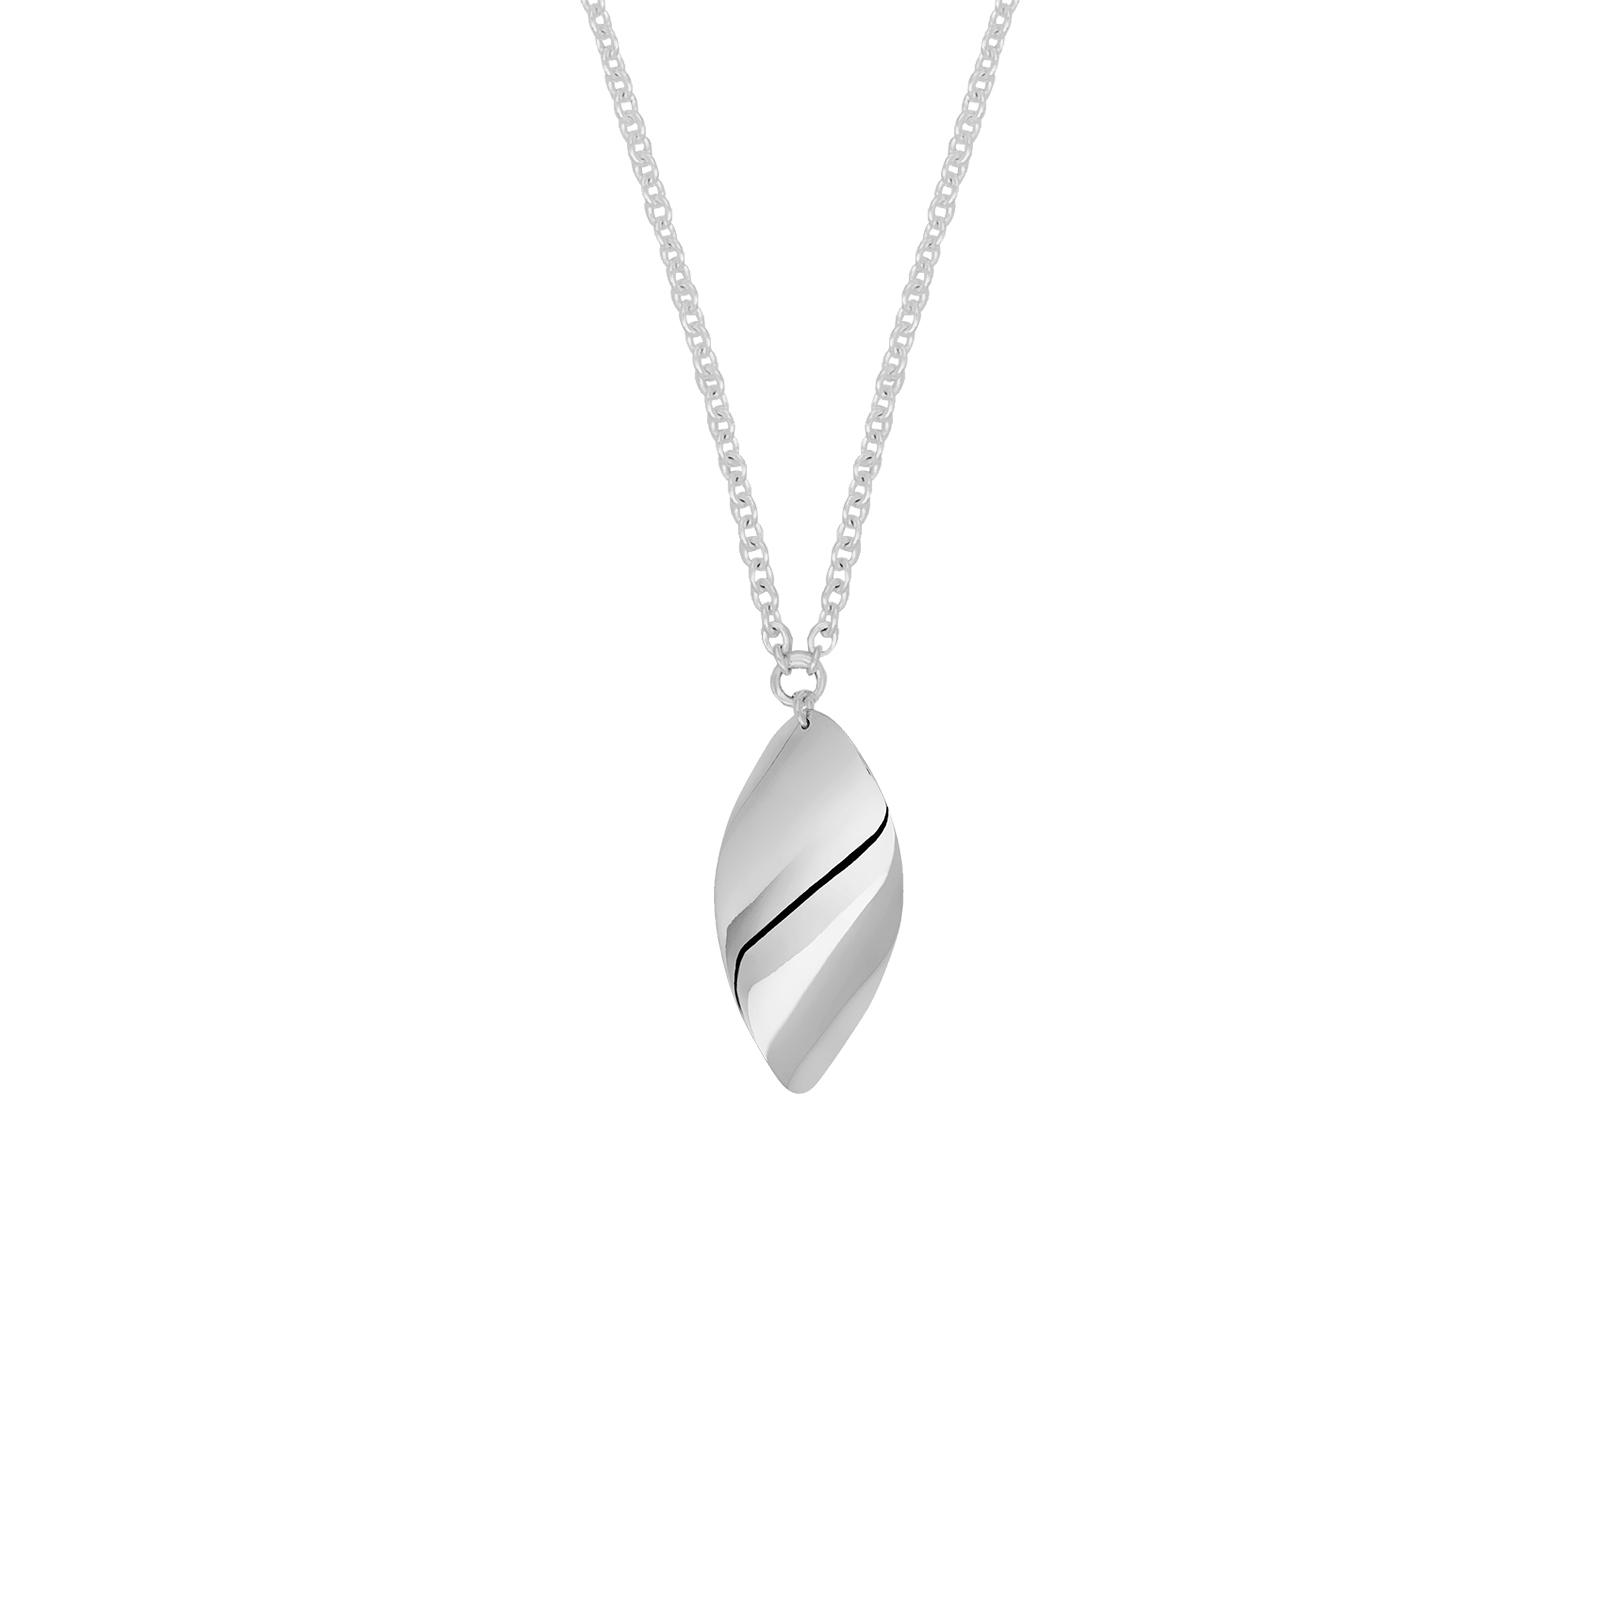 Aqua-small-single-necklace-lq-white